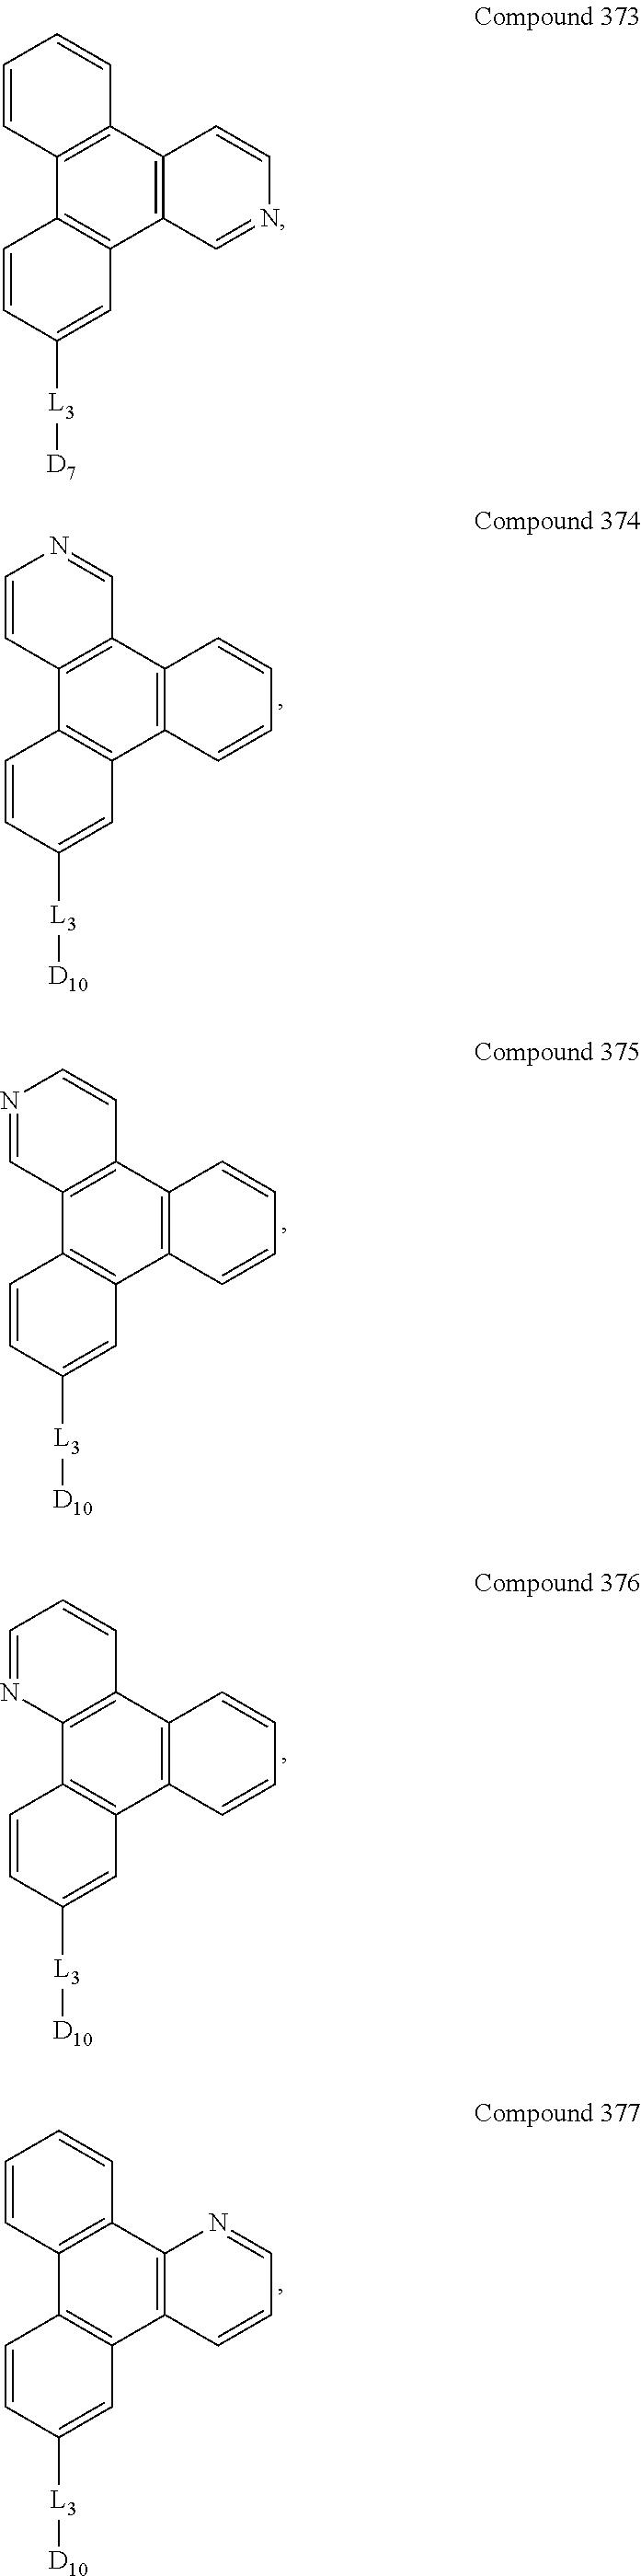 Figure US09537106-20170103-C00639